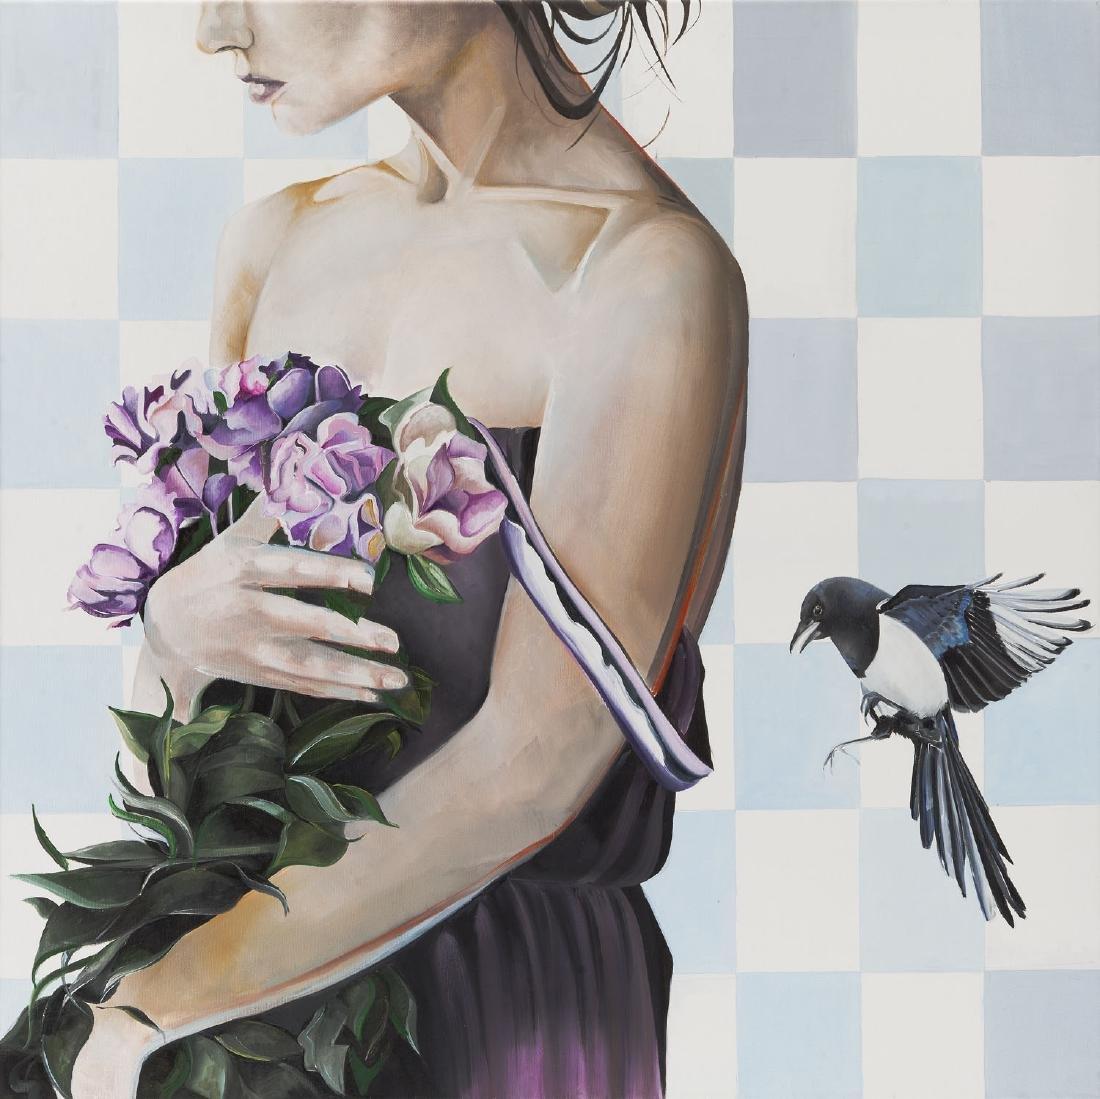 Milena Brudkowska (b. 1988) Untitled, 2018